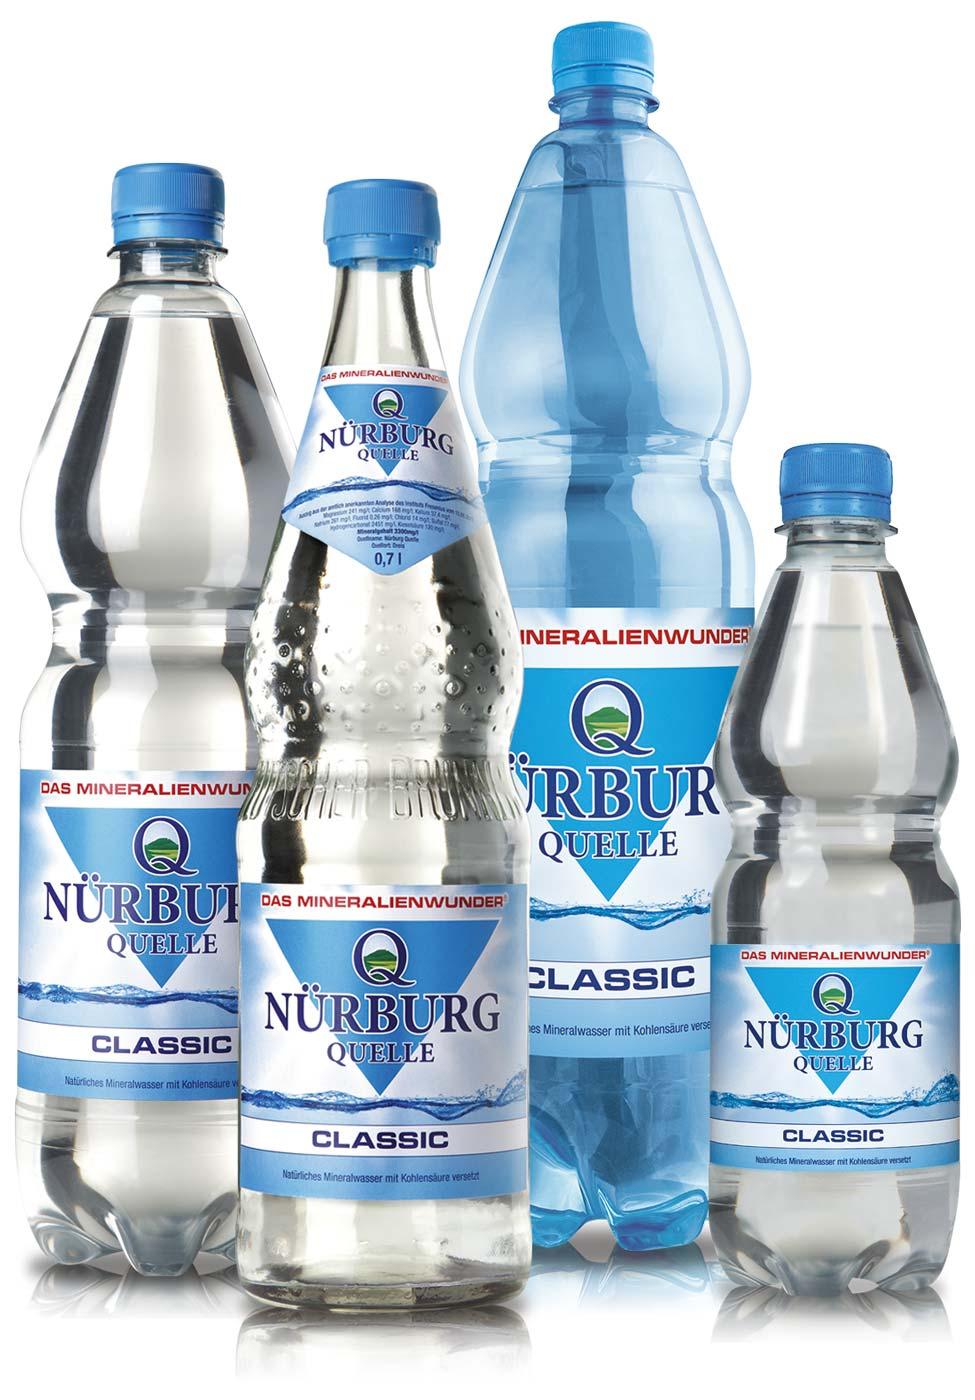 Nürburg Quelle Mineralwasser Classic - Das Mineralienwunder